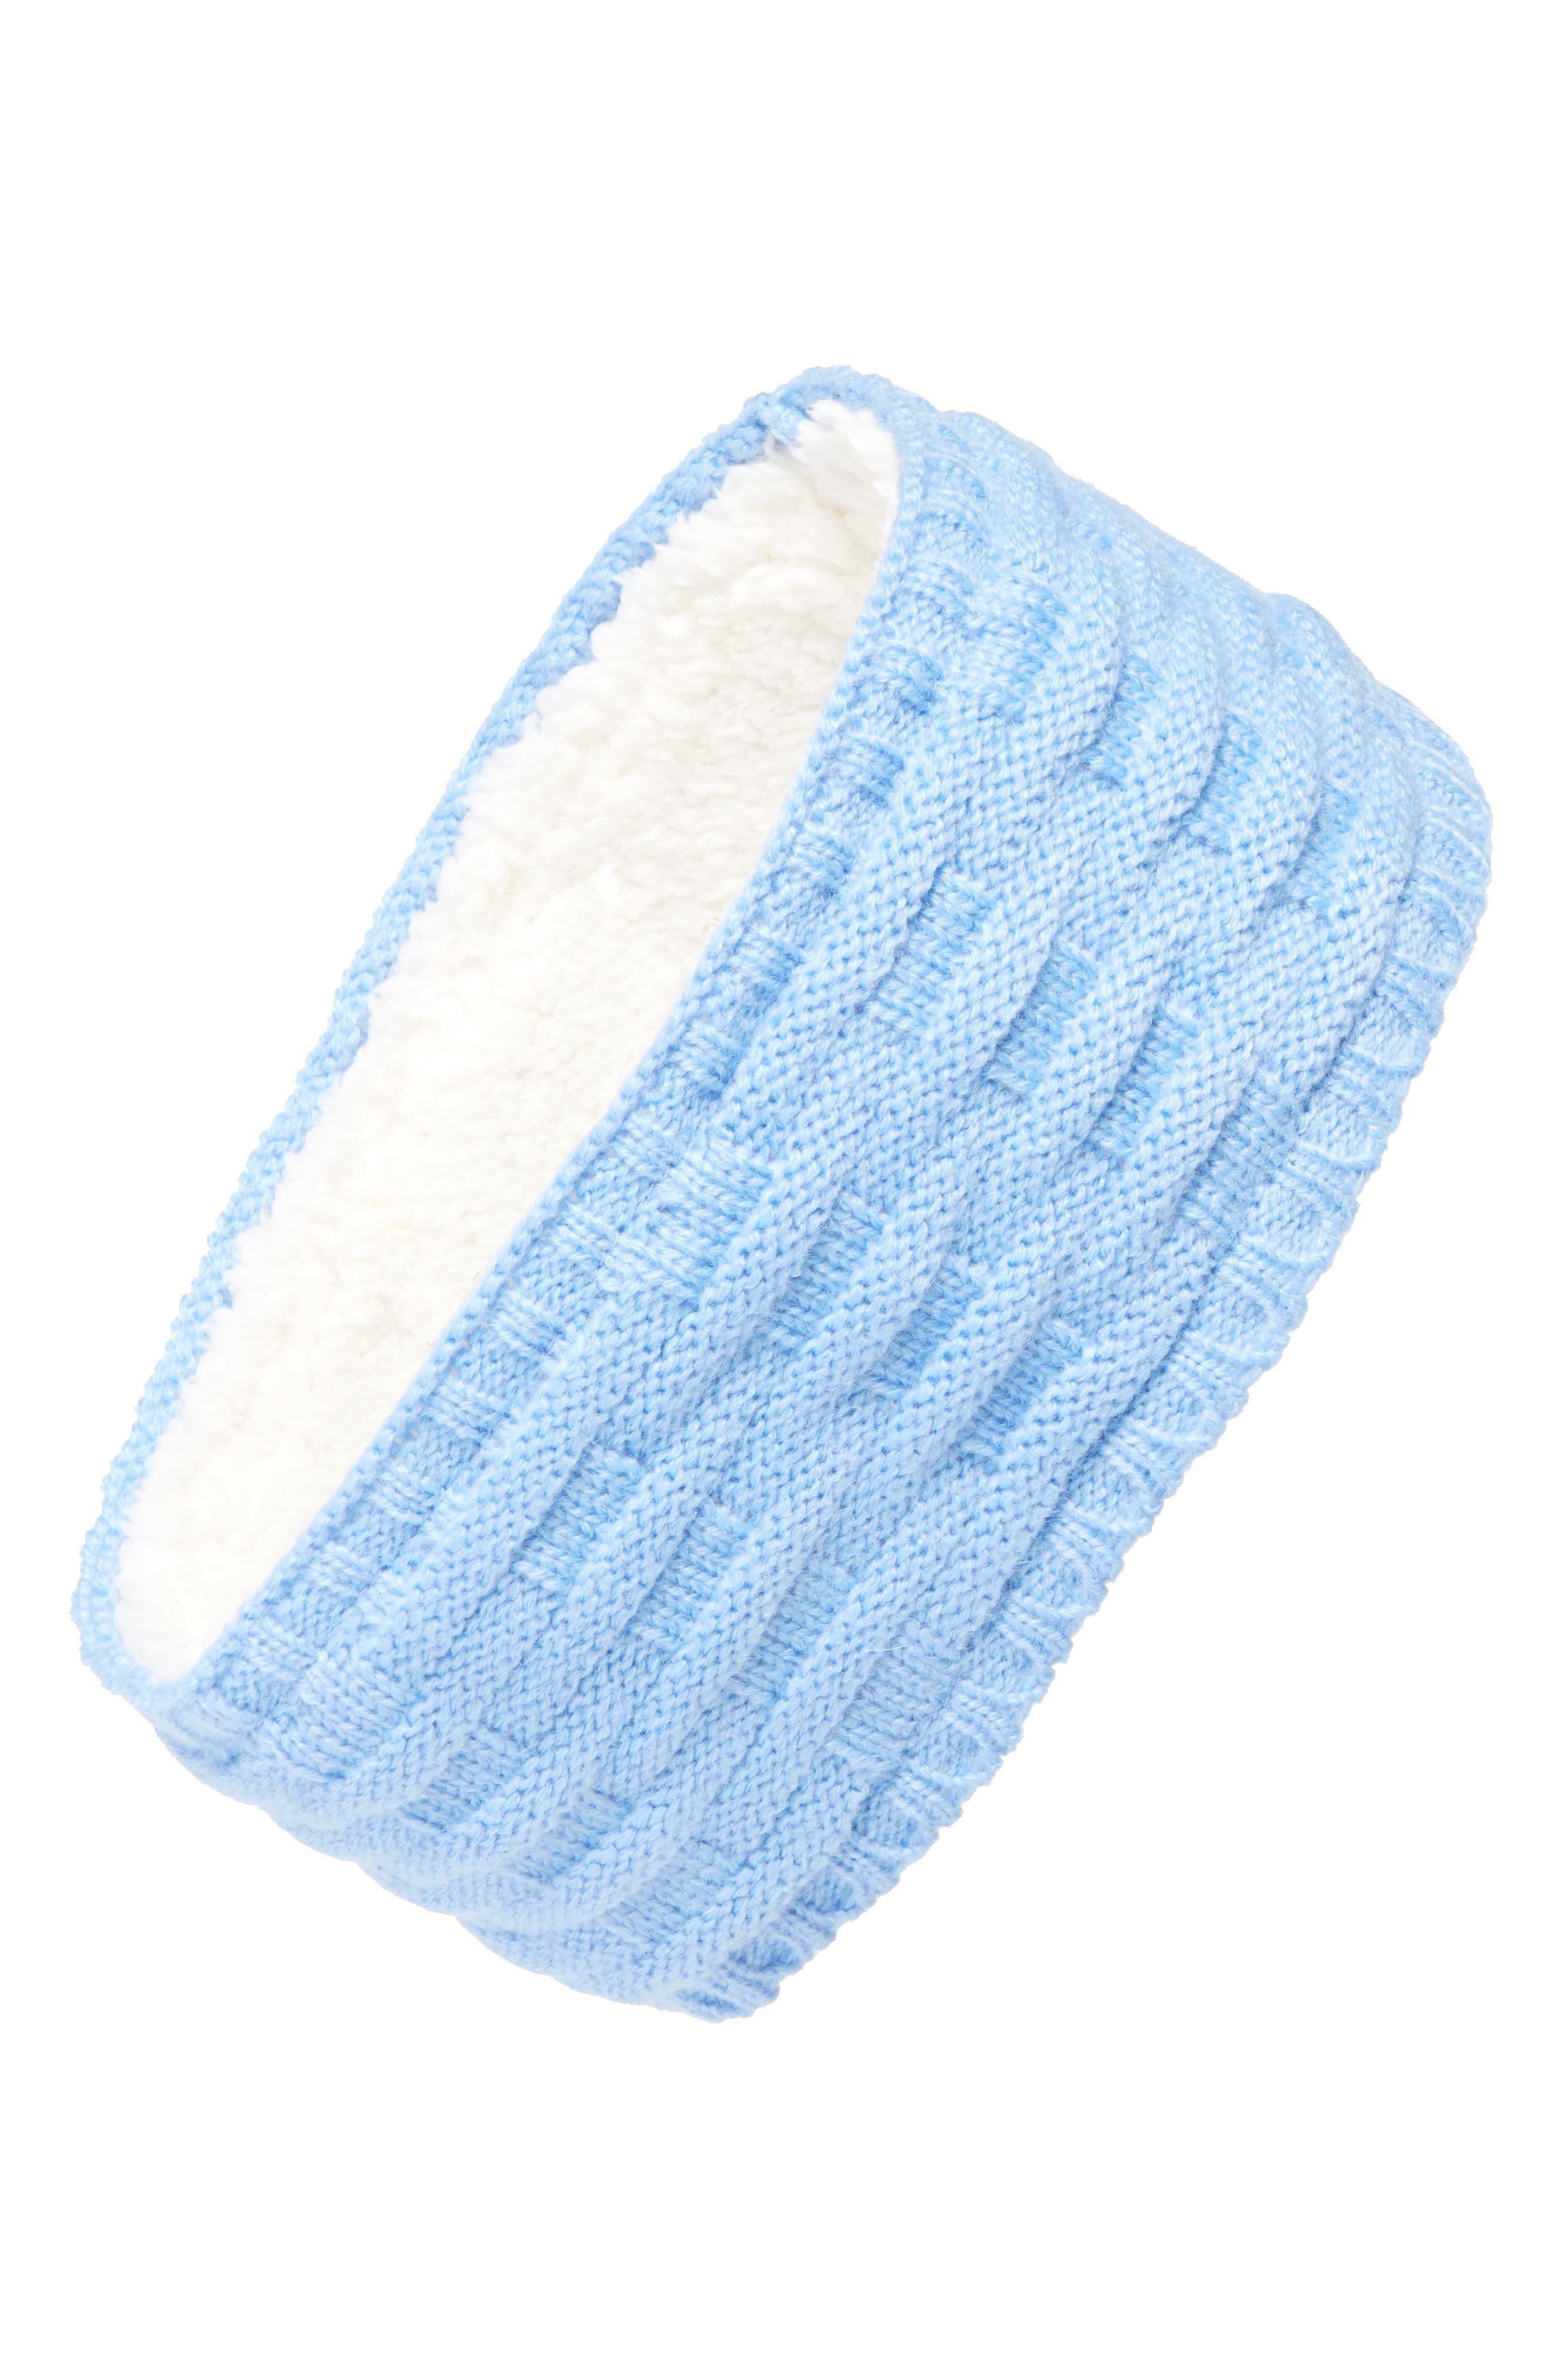 Main Image - Echo Cross Cable Knit Headband